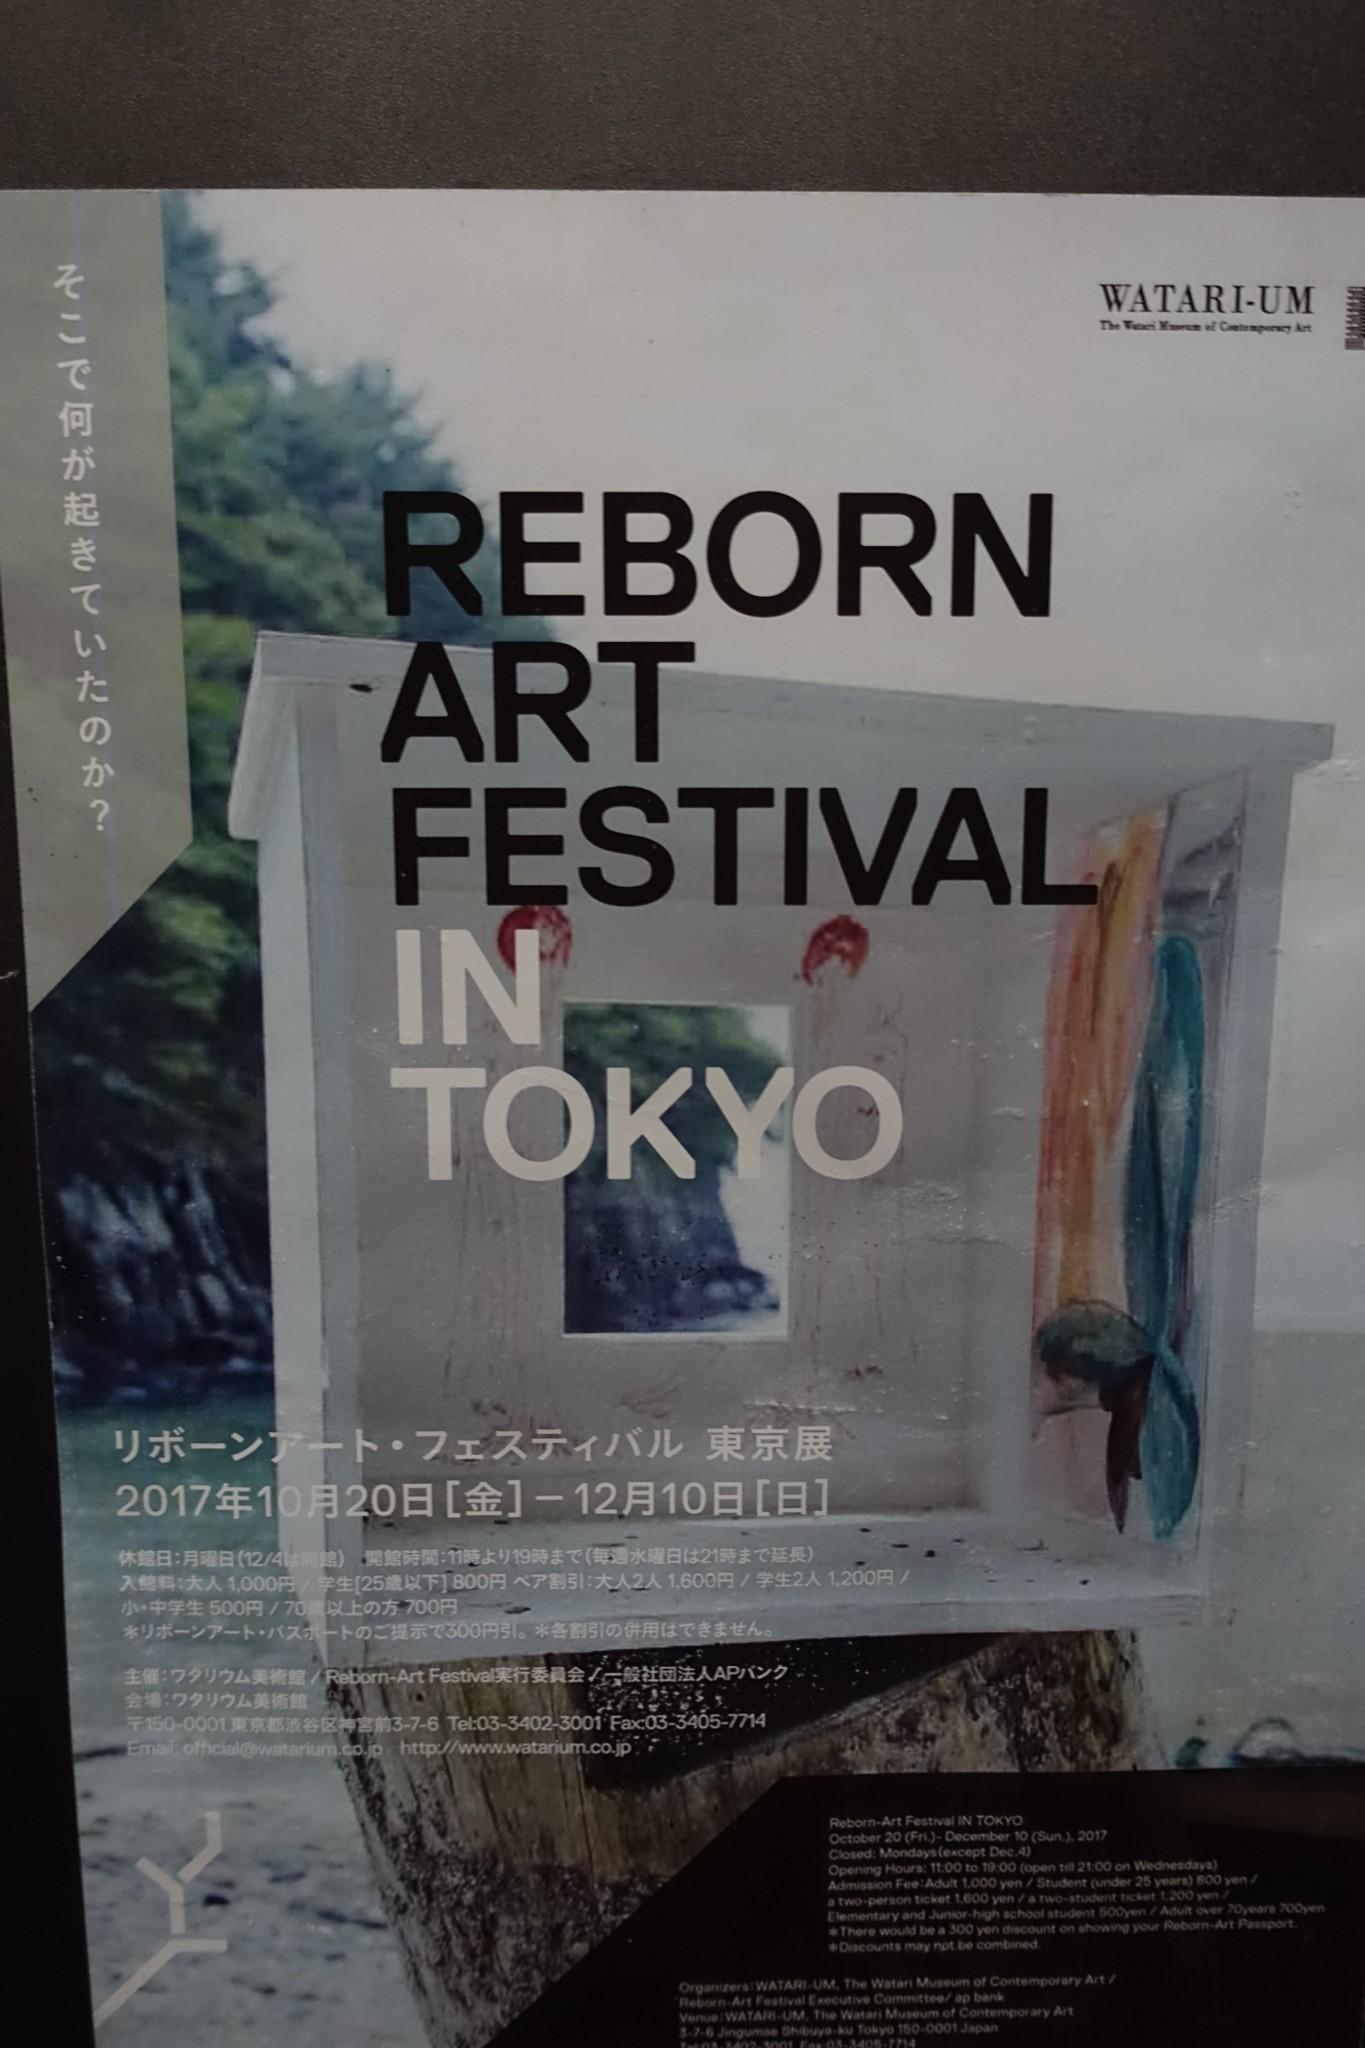 リボーンアートフェスティバル